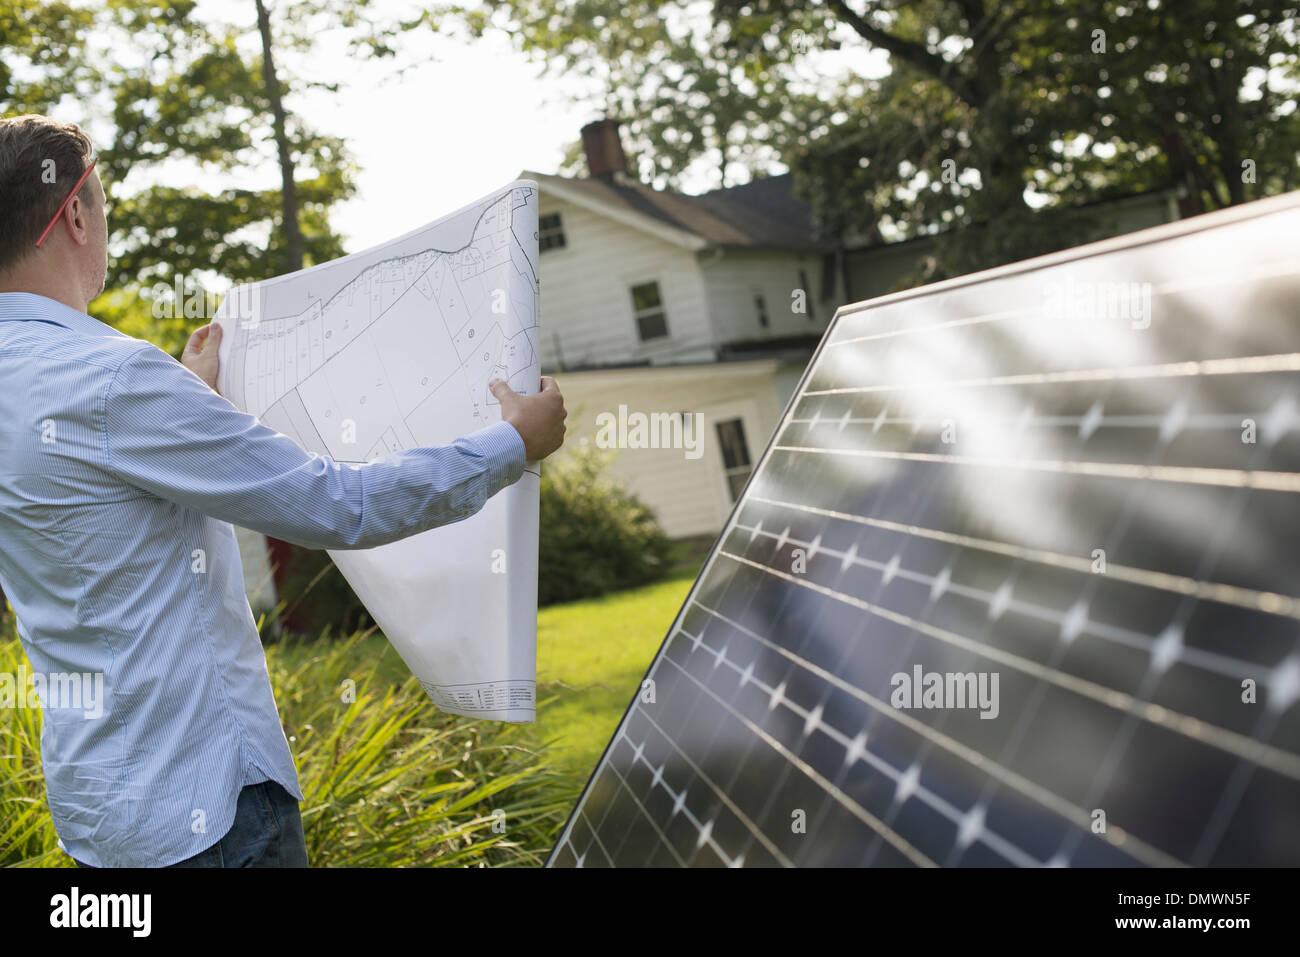 Ein Mann mit einem Plan, um ein Solar-Panel in einem Bauerngarten zu platzieren. Stockbild